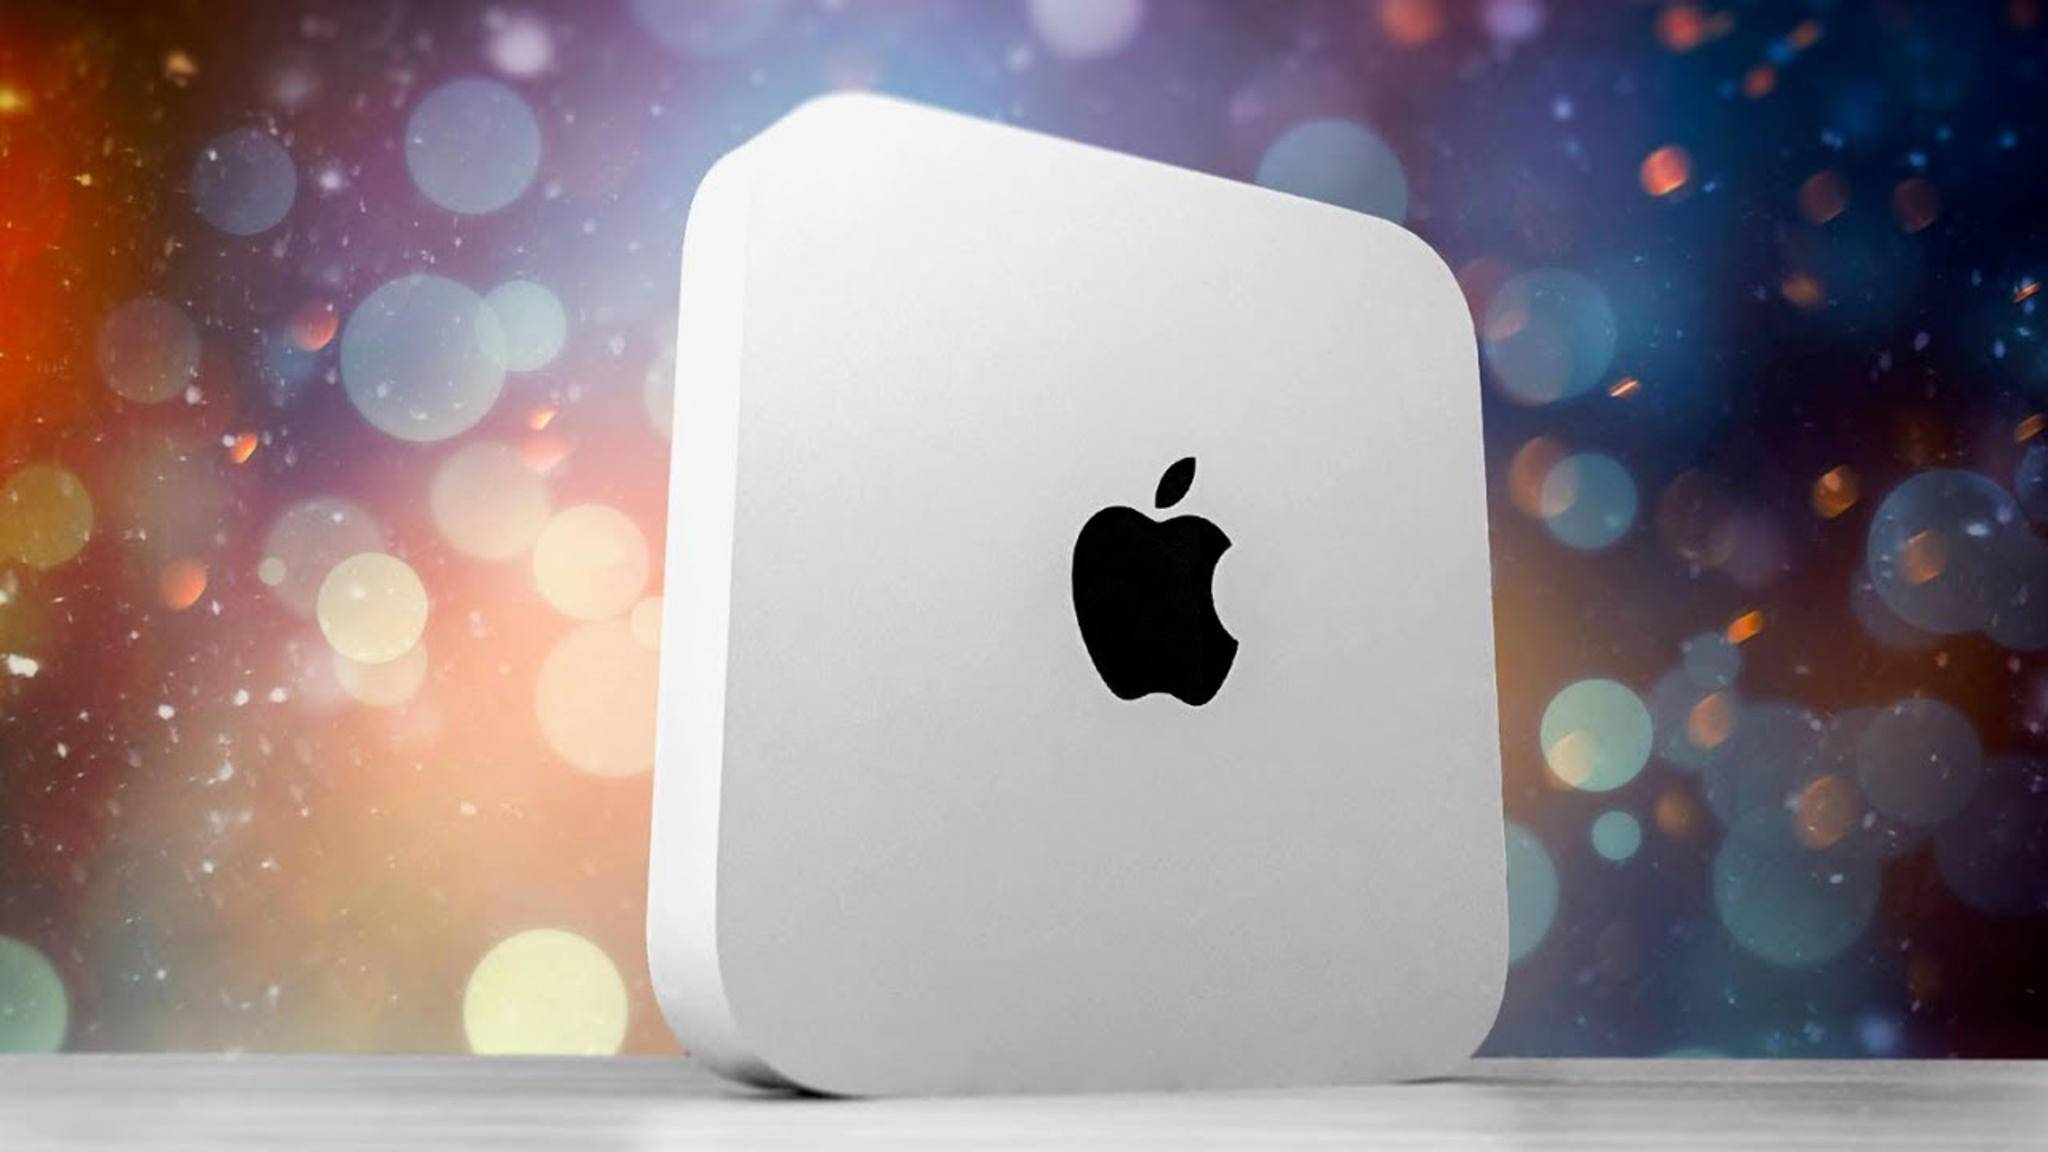 Ob Apple einen neuen Mac mini plant, steht in den Sternen. Wir haben uns aber dennoch schon einmal Gedanken über ein neues Modell gemacht.